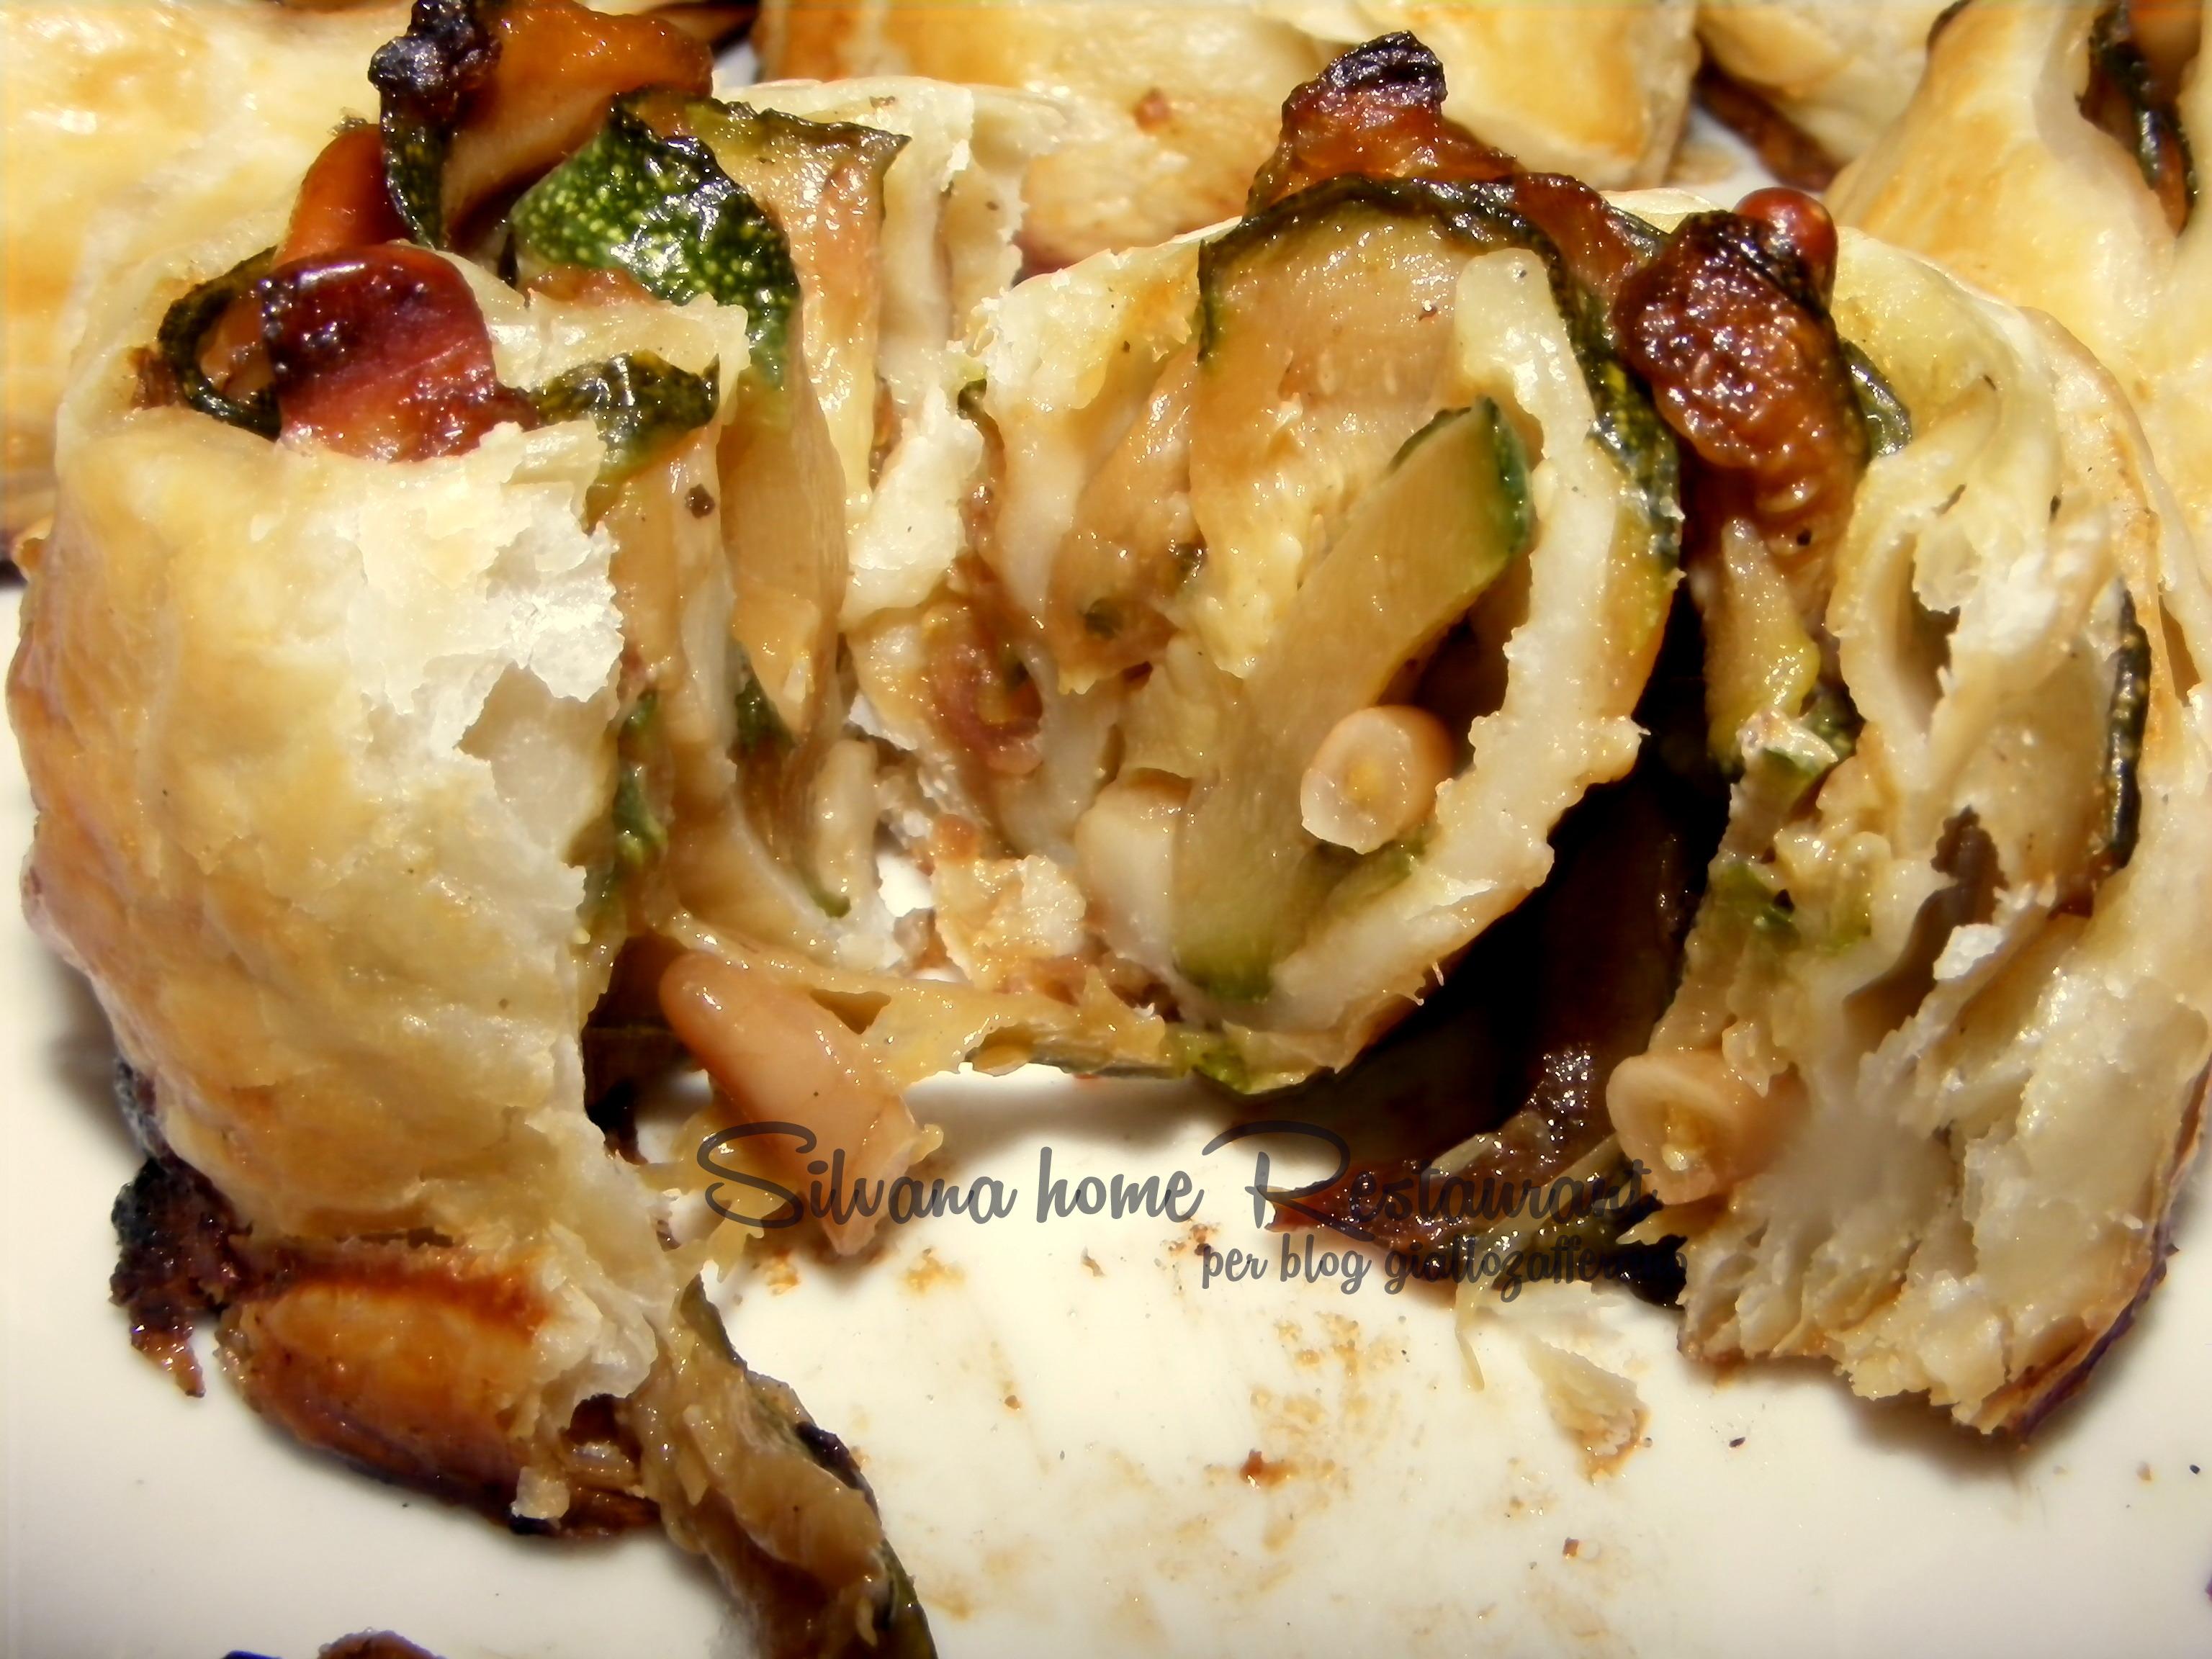 Girelle ai sapori di Sicilia con zucchine, uva sultanina e pinoli in sfoglia